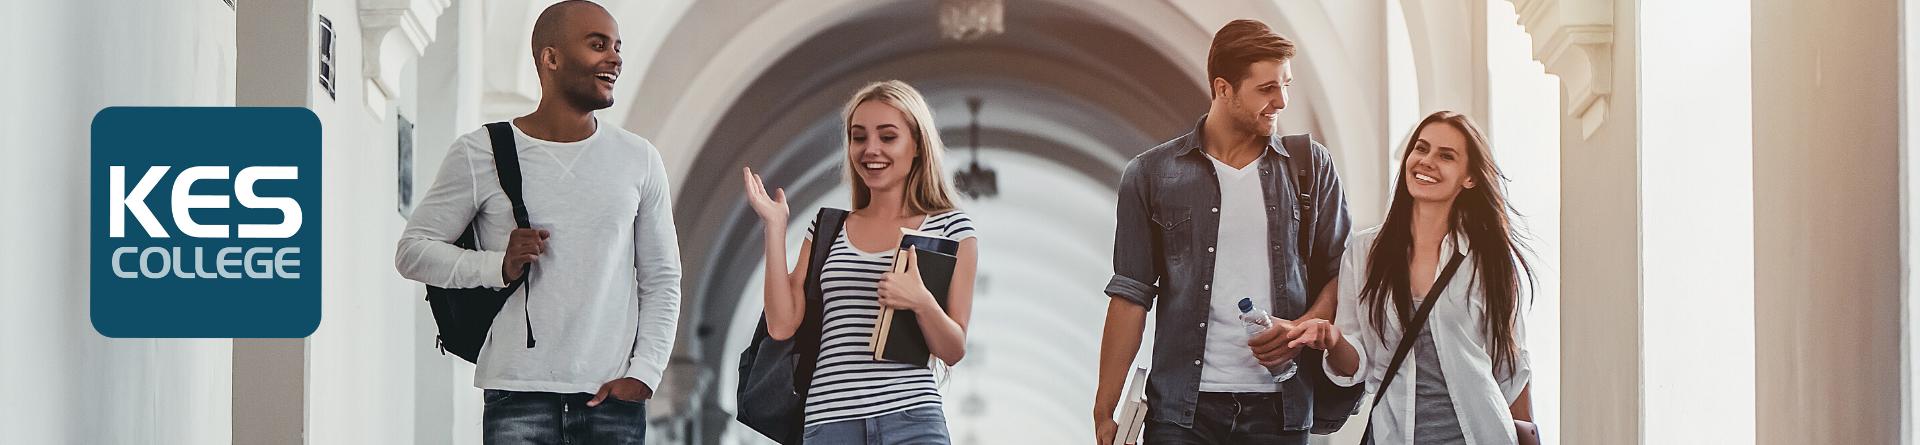 Μειωμένα δίδακτρα και υποτροφίες από το KES College για το Ακαδημαϊκό Έτος 2020-2021